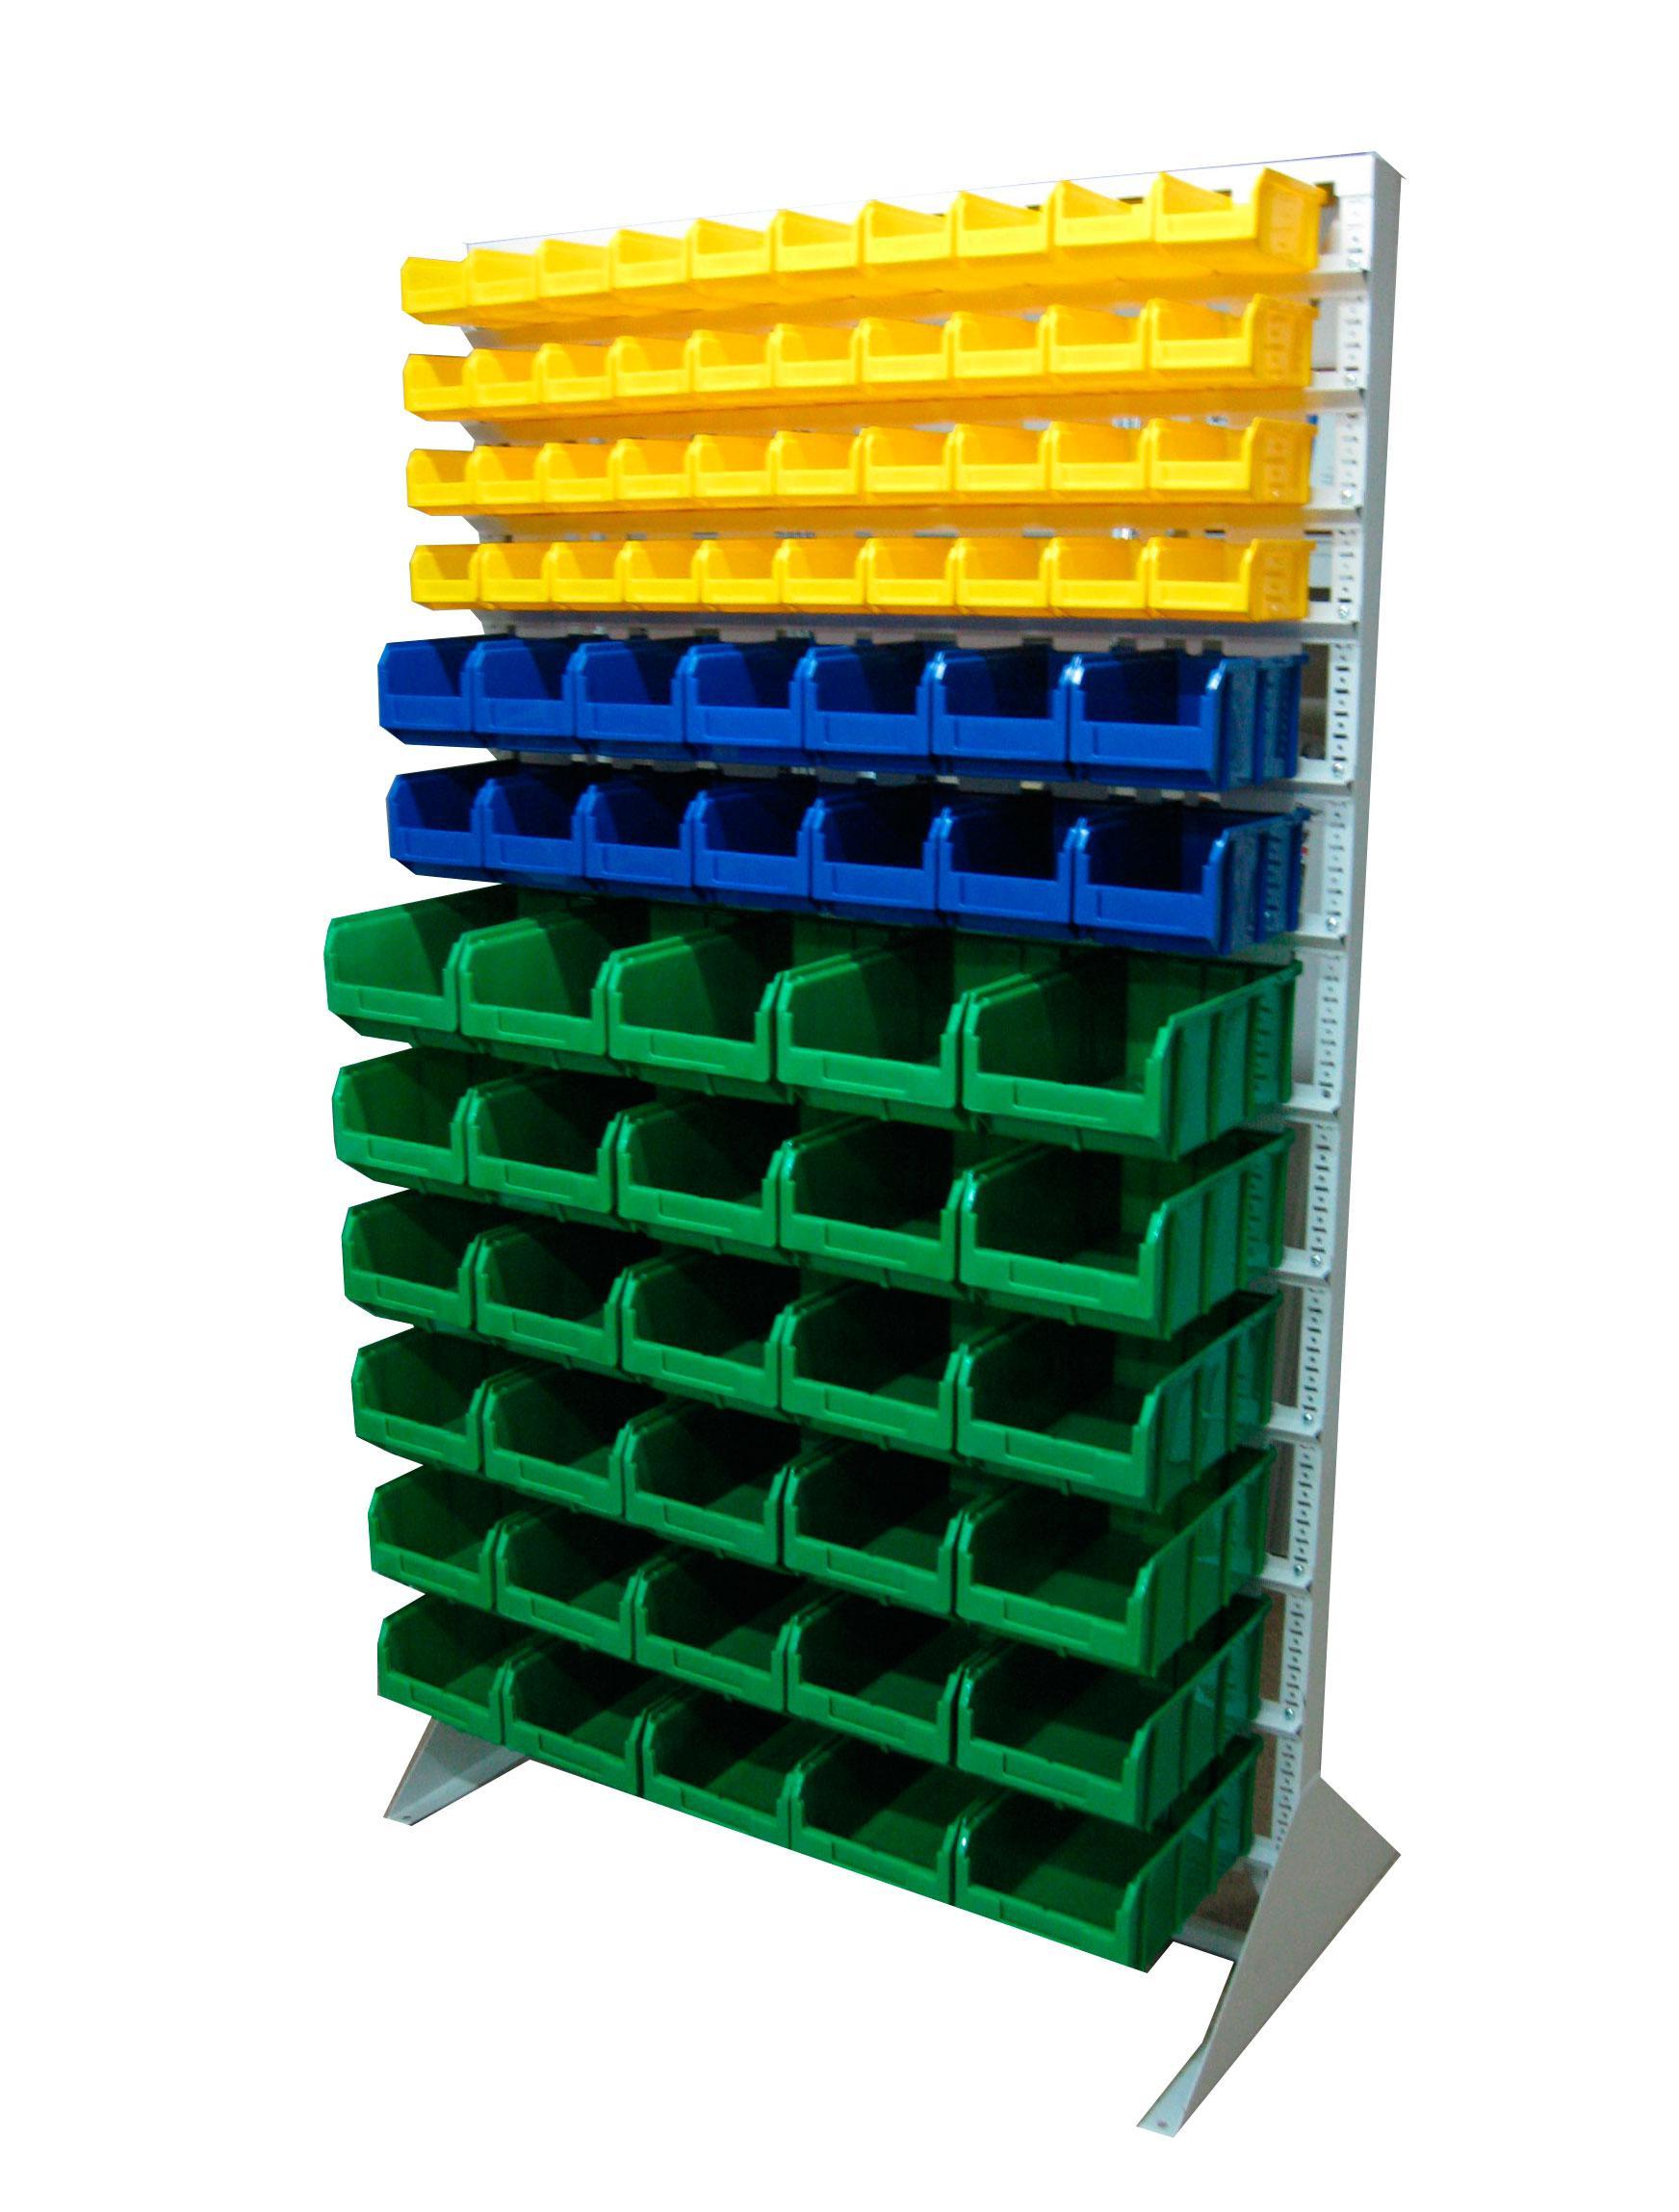 Стойка СТЕЛЛА В1-04-02-06 желтый/ синий /зеленый